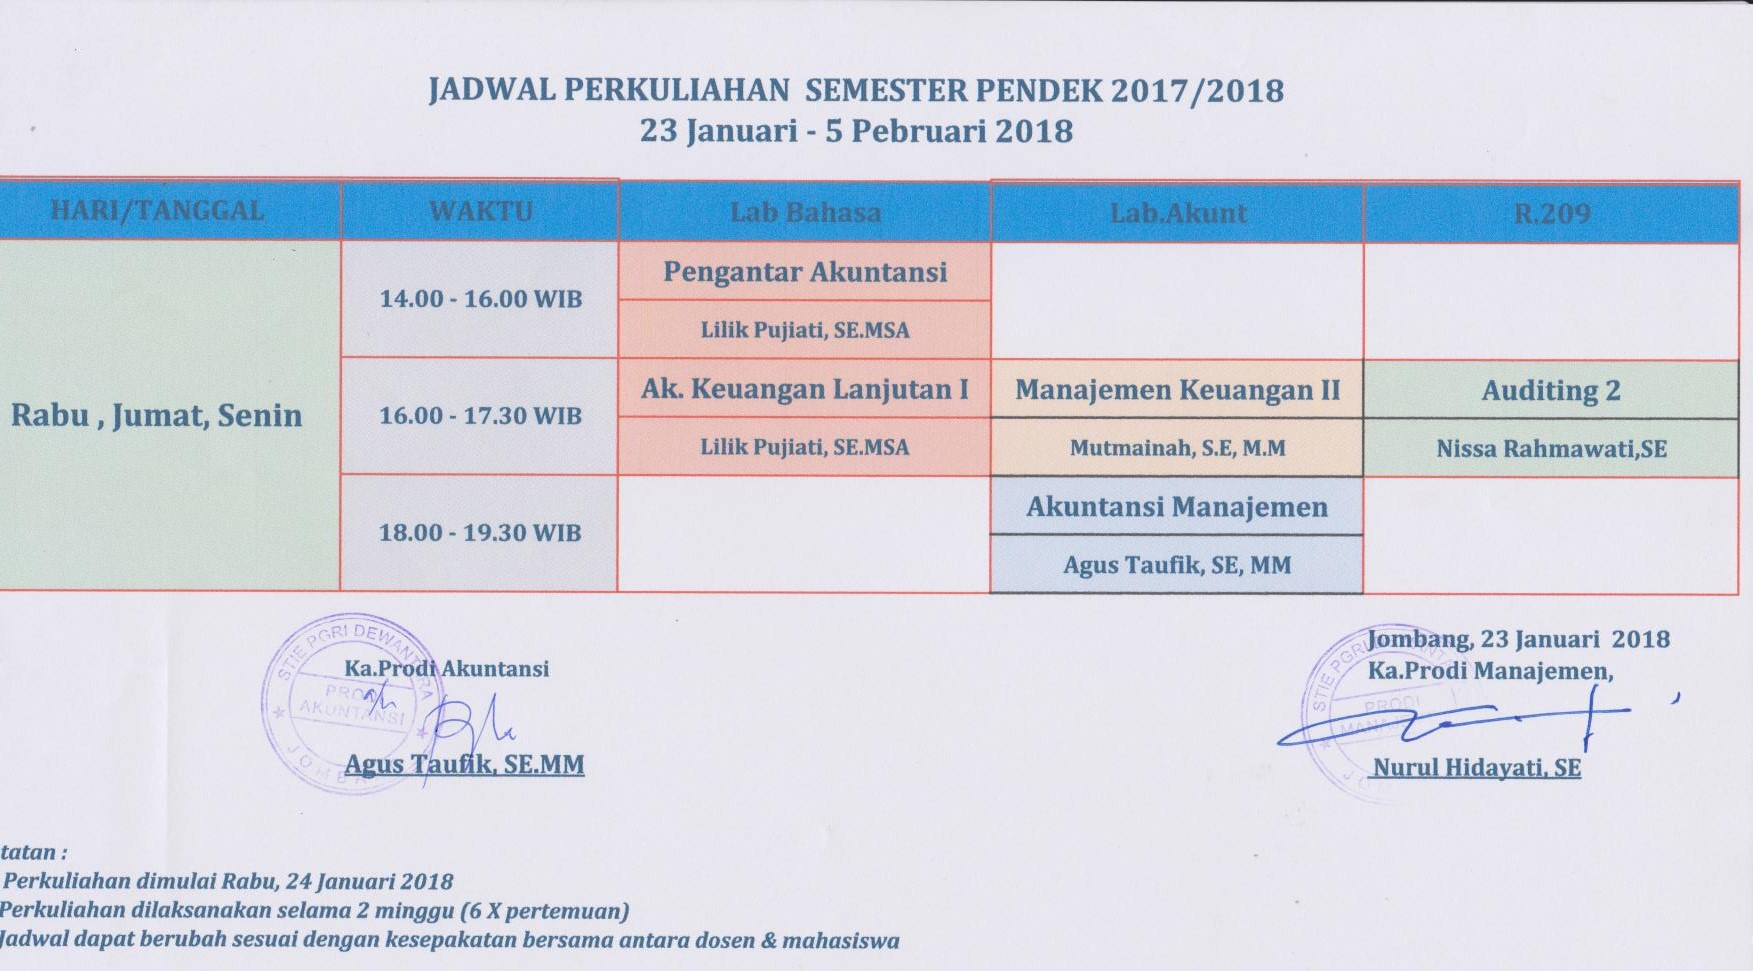 Jadwal Perkuliahan Semester Pendek Tahun Akademik 2017-2018